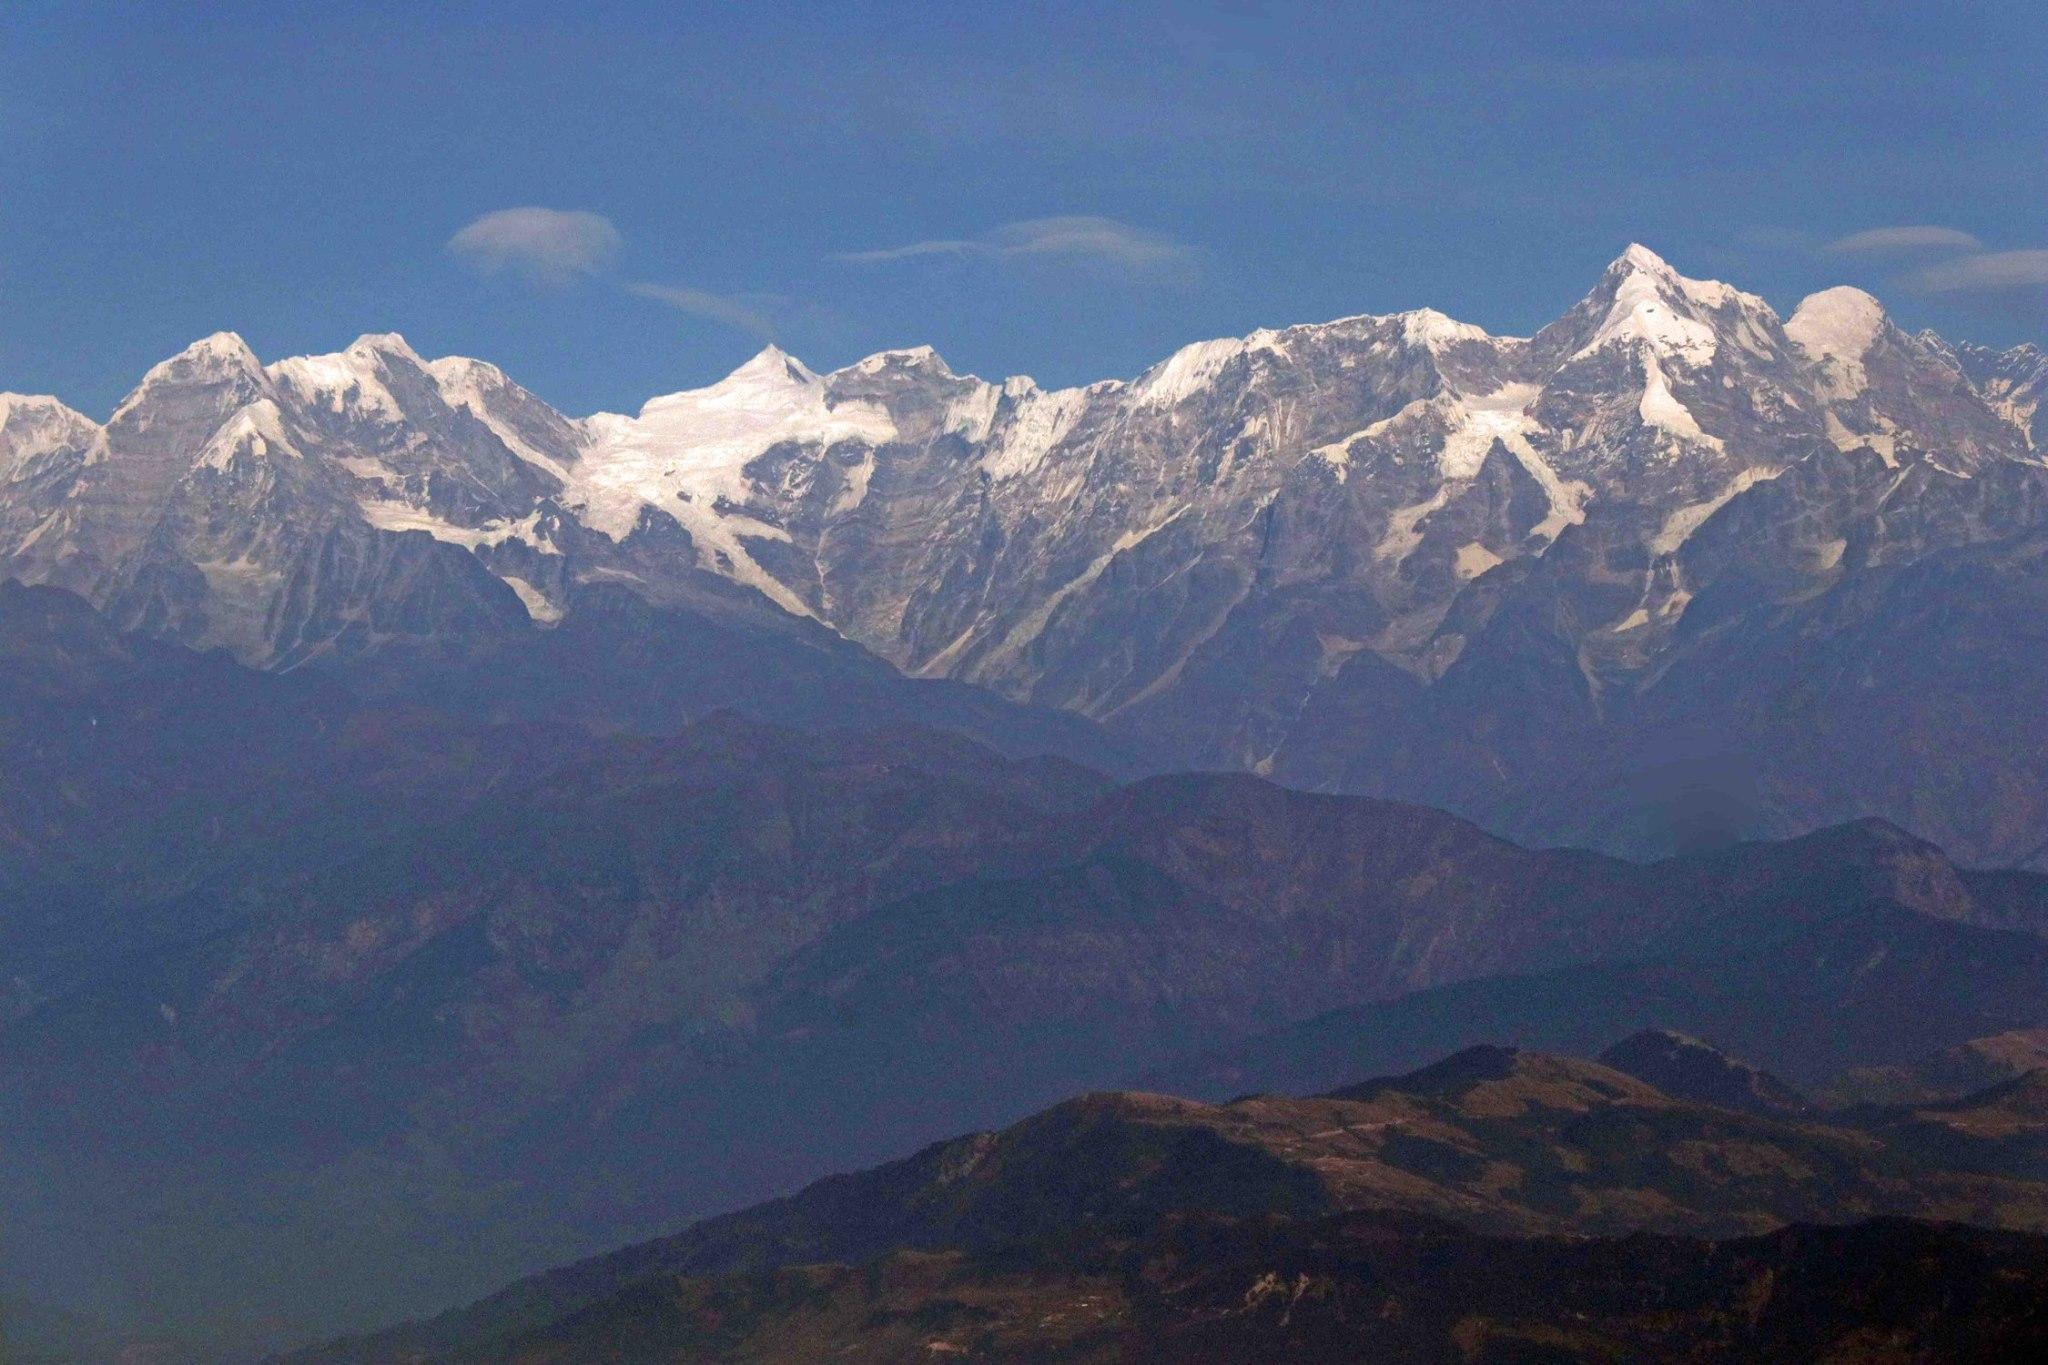 尼泊爾連綿的雪峰